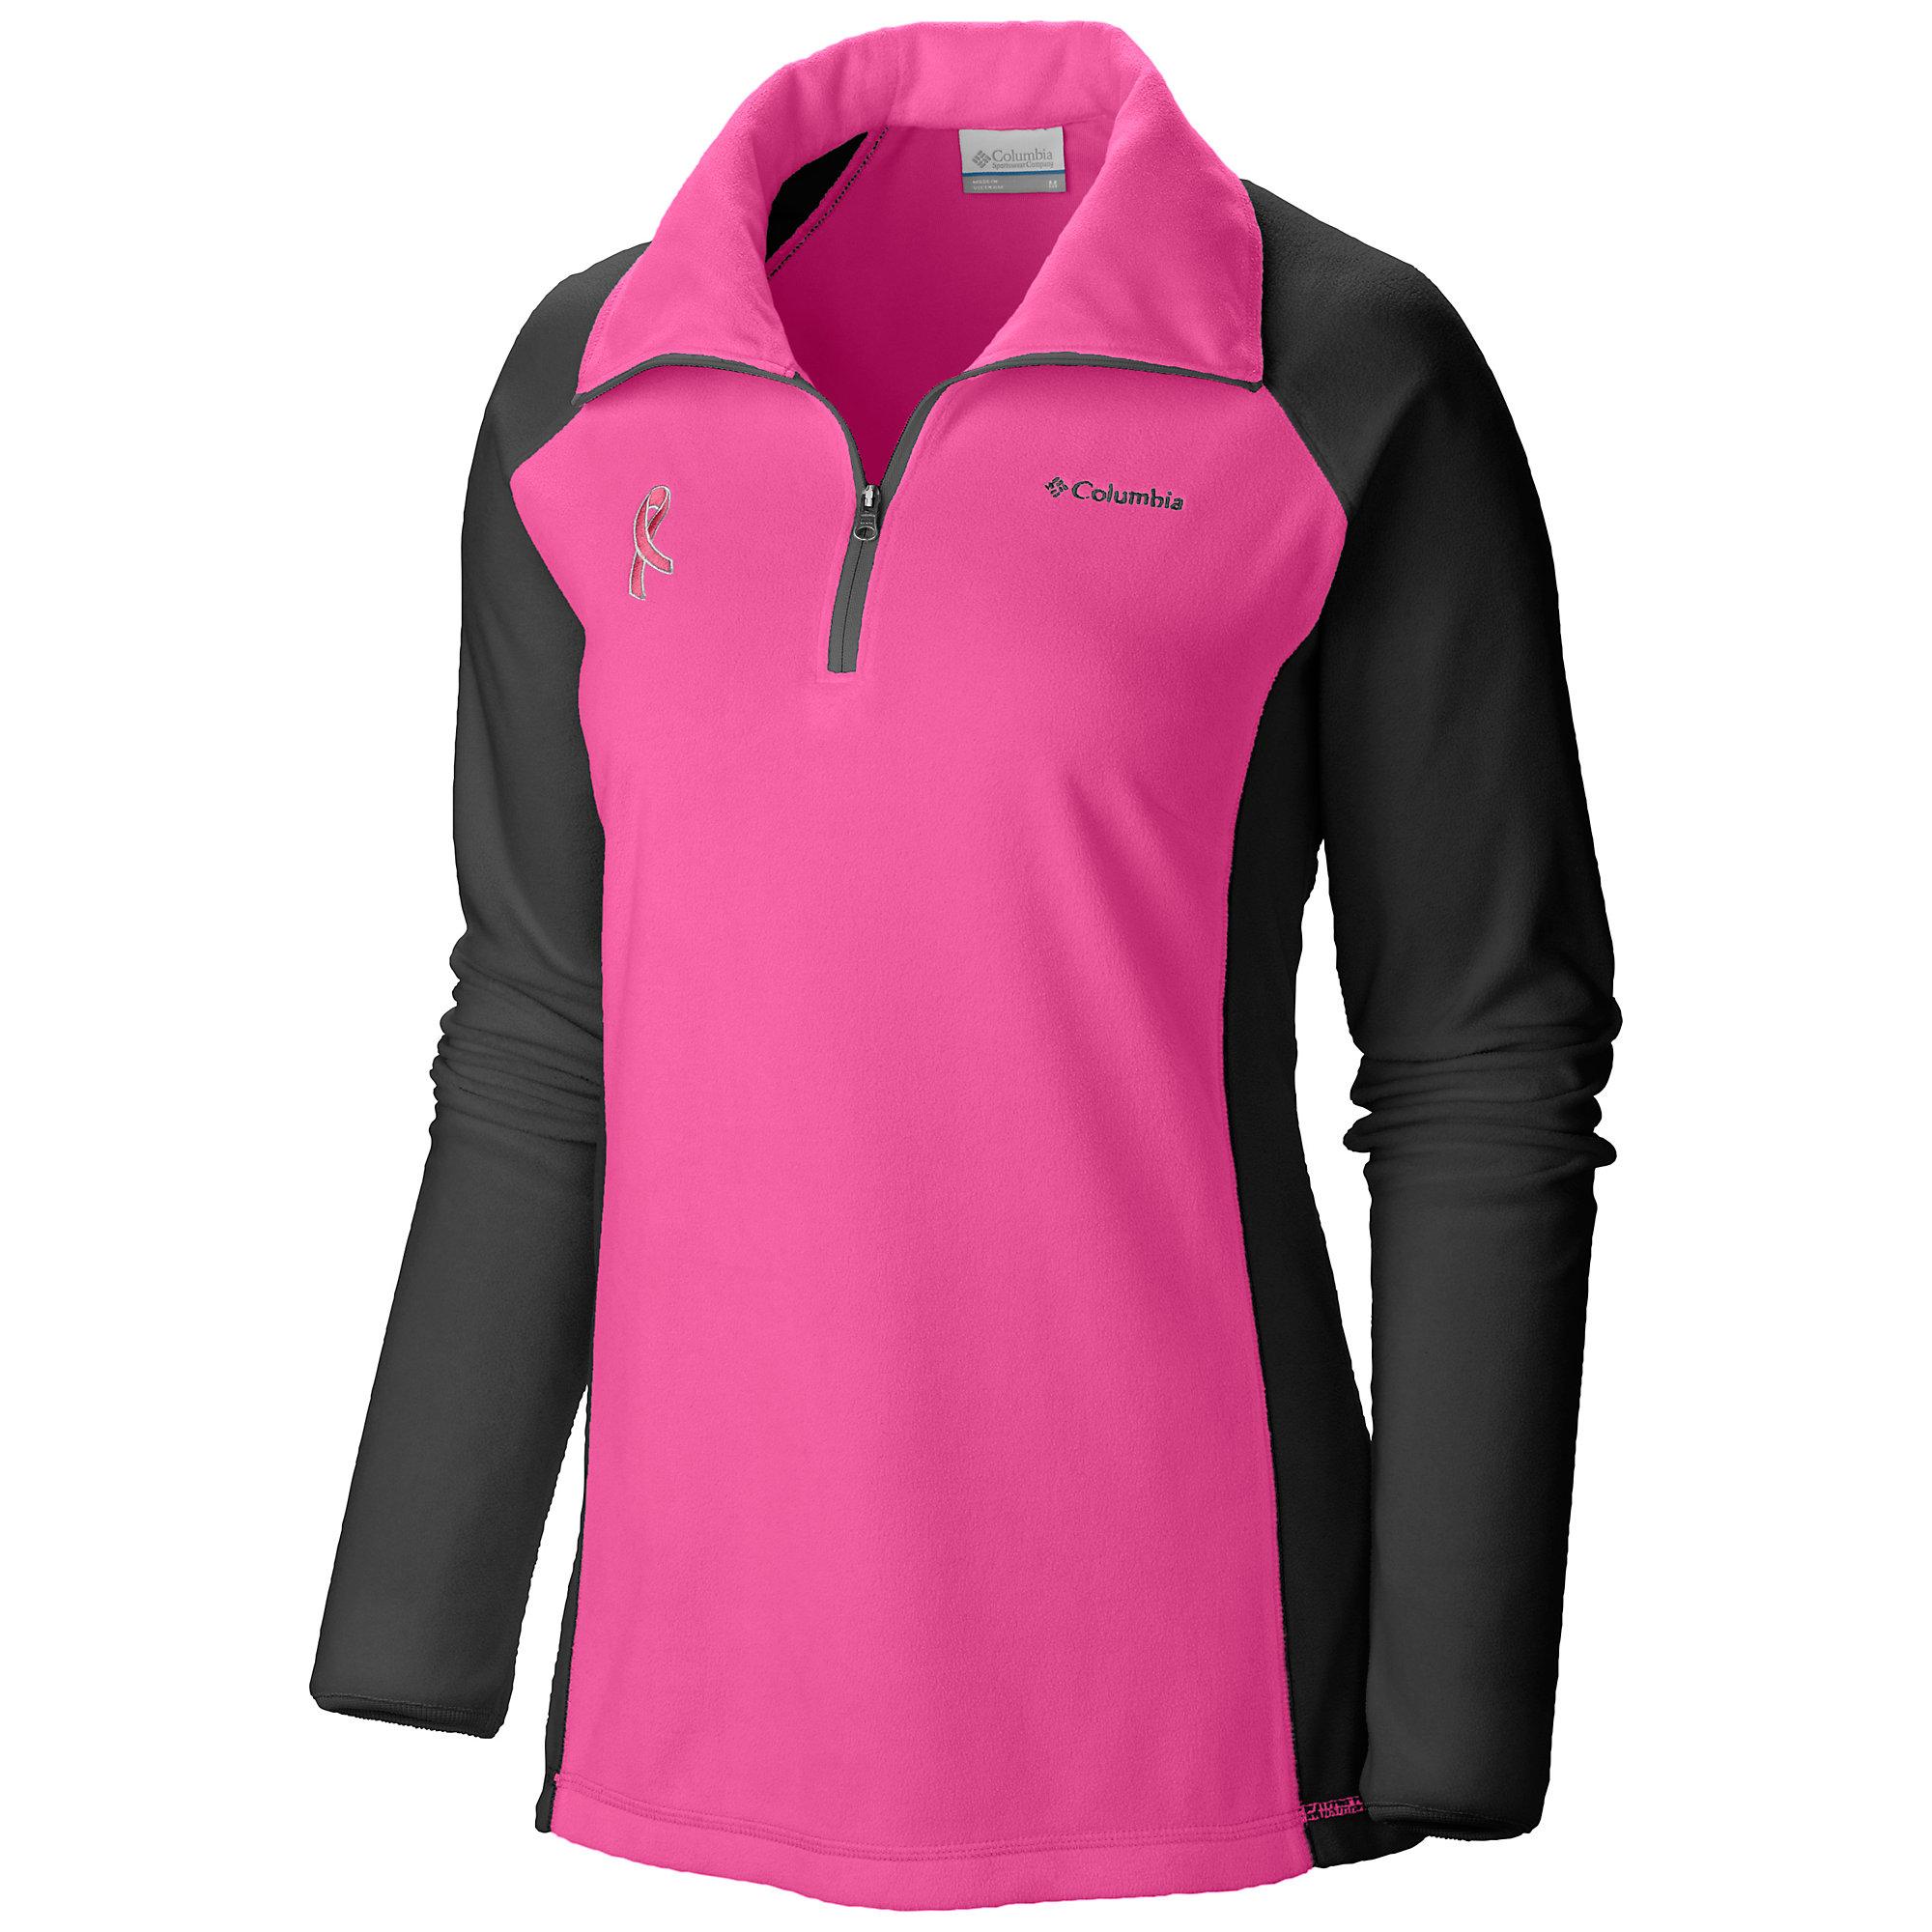 Columbia Tested Tough in Pink Fleece Half Zip